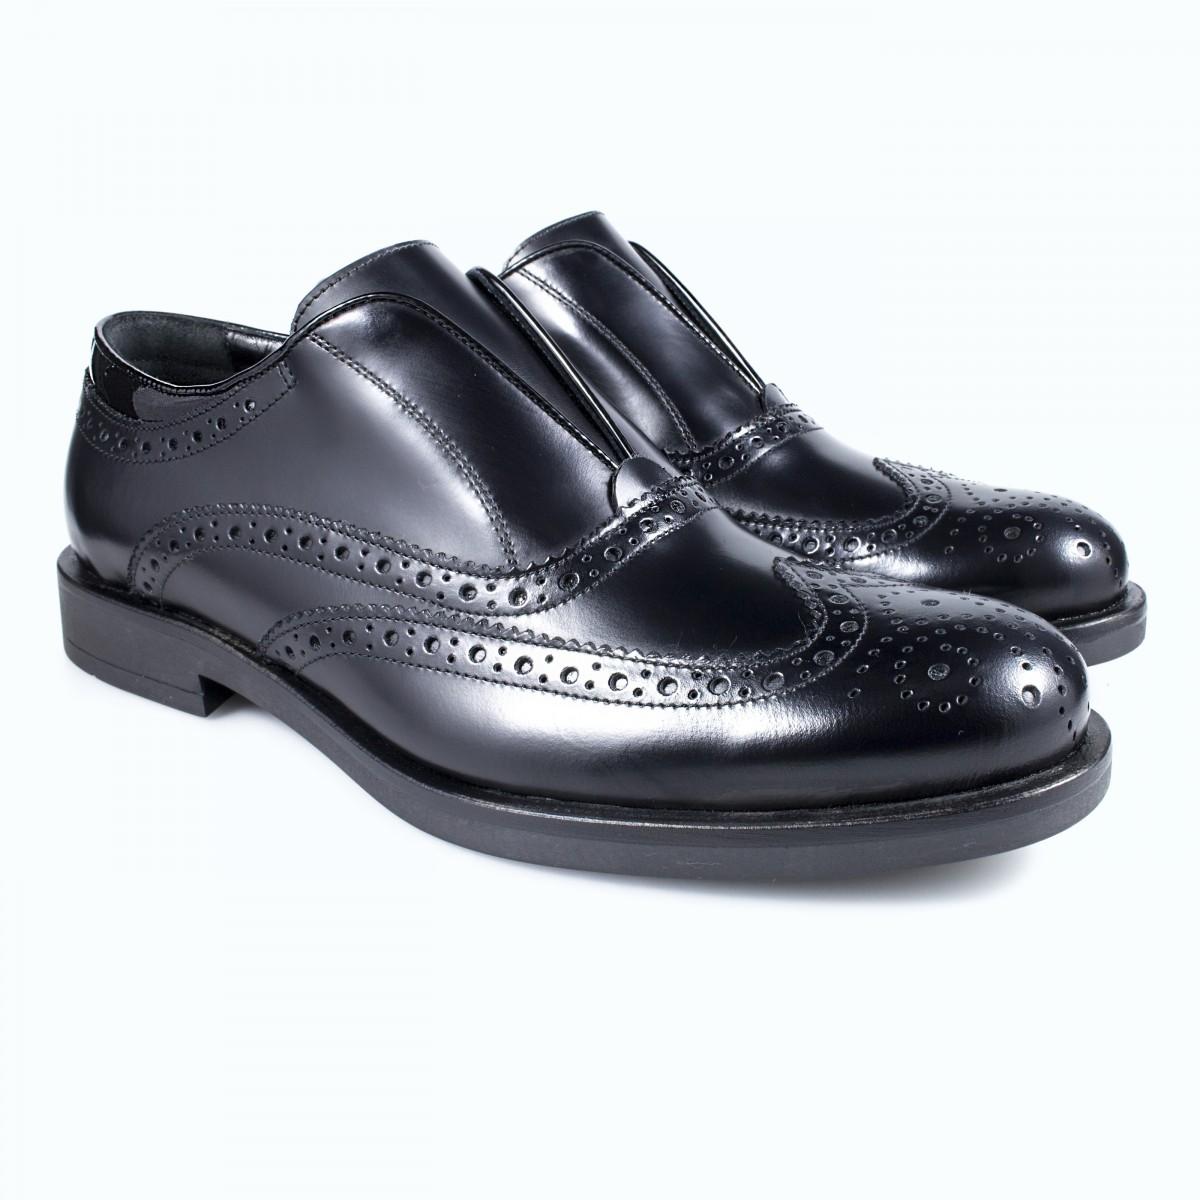 Scarpe artigianali classiche da uomo e donna. Scarpe fatte a mano, di eccellente qualità.